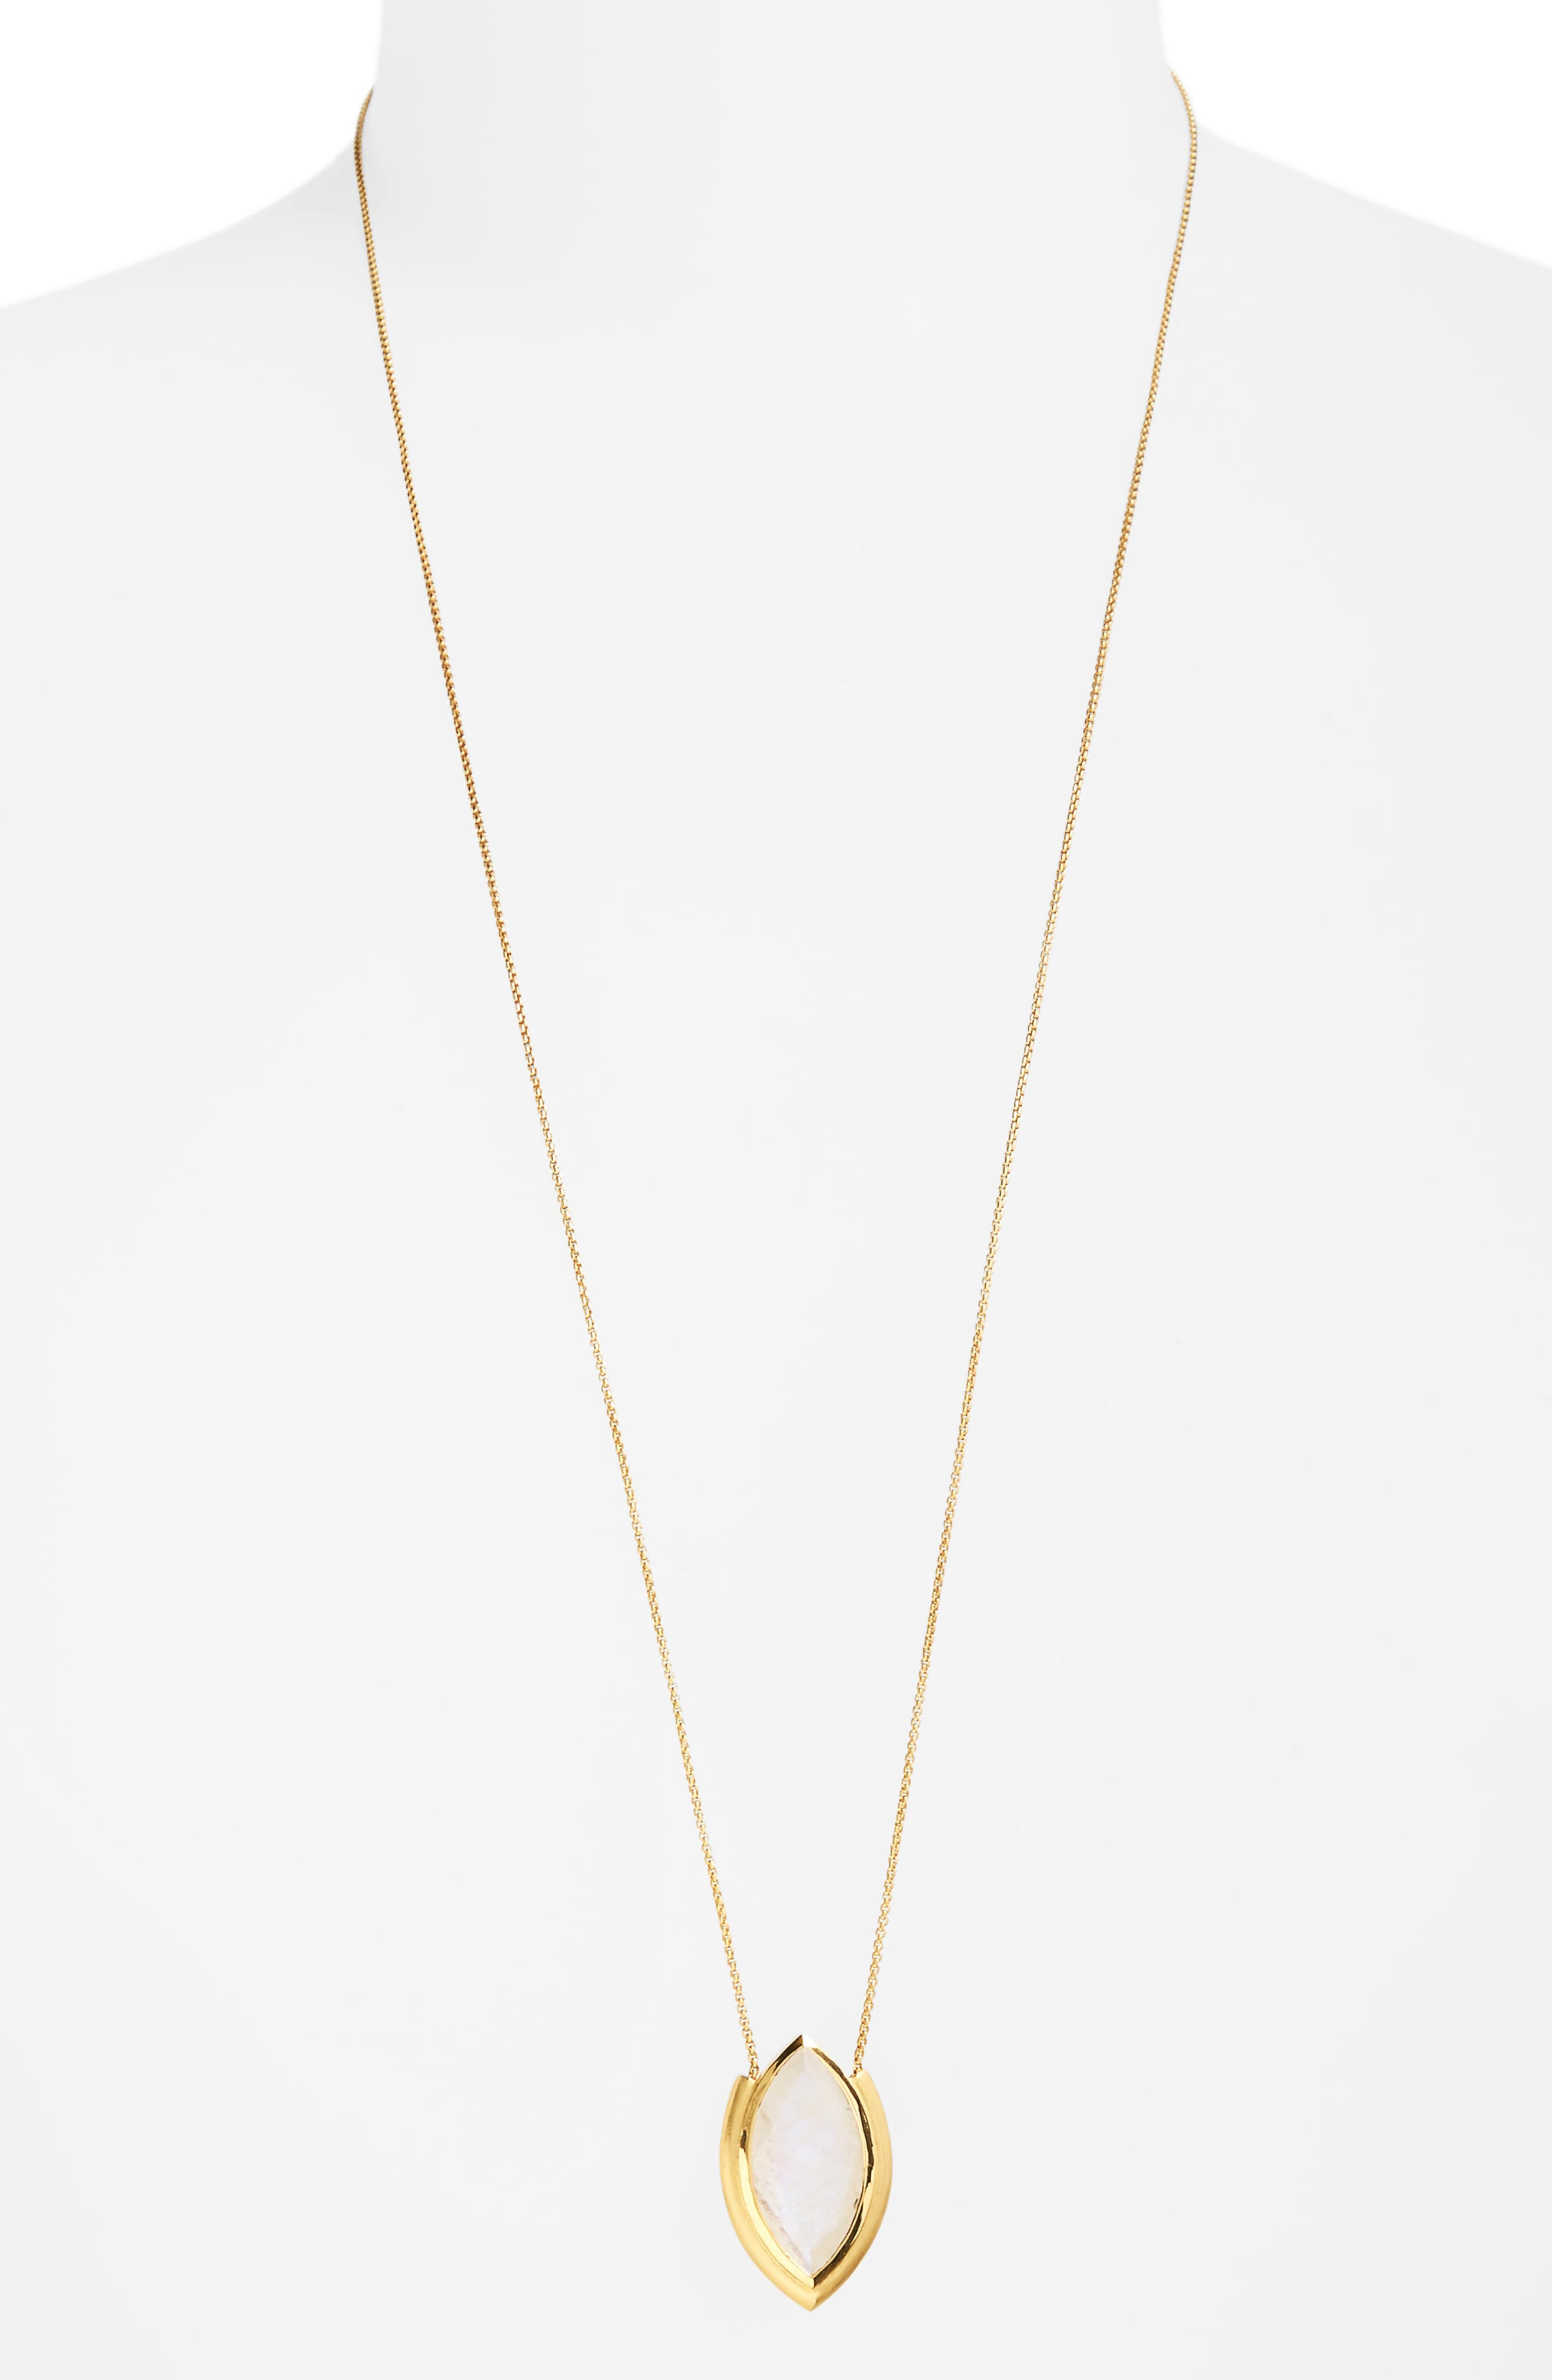 Dean Davidson Lotus Pendant Necklace